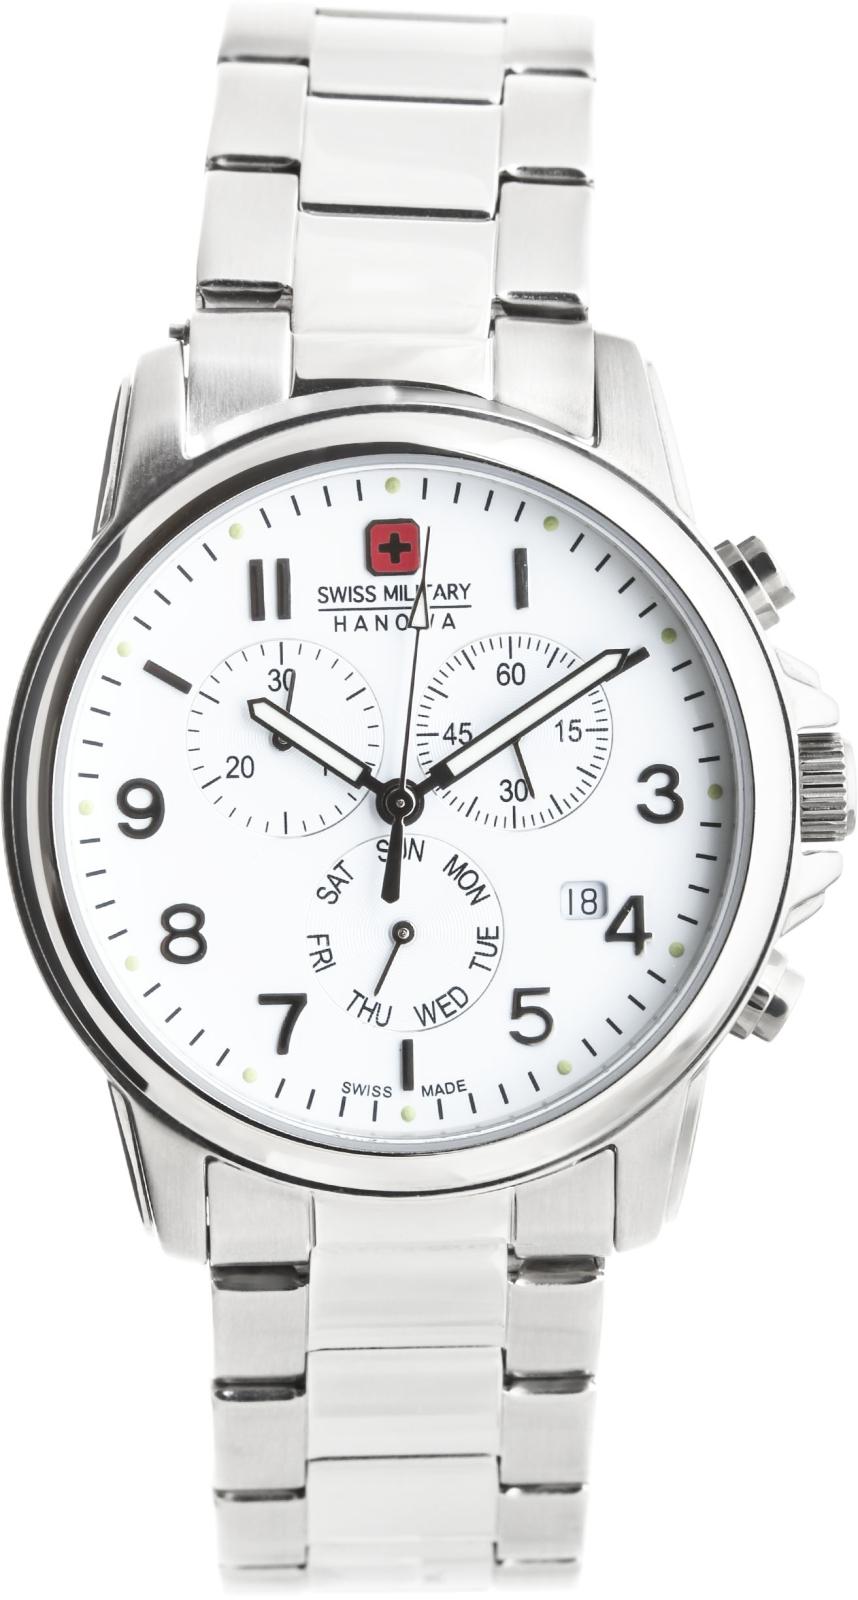 Hanowa Swiss Military Swiss Soldier 06-5142.04.001Наручные часы<br>Швейцарские часы Hanowa Swiss Military Swiss Soldier 06-5142.04.001Модель входит в коллекцию Swiss Soldier. Это стильные Мужские часы. Материал корпуса часов — Сталь. Браслет — Сталь. В этой модели стоит Минеральное стекло. Водозащита - 100 м. Цвет циферблата - Белый. Диаметр корпуса 39мм.<br><br>Пол: Мужские<br>Страна-производитель: Швейцария<br>Механизм: Кварцевый<br>Материал корпуса: Сталь<br>Материал ремня/браслета: Сталь<br>Водозащита, диапазон: 100 - 150 м<br>Стекло: Минеральное<br>Толщина корпуса: None<br>Стиль: Спорт